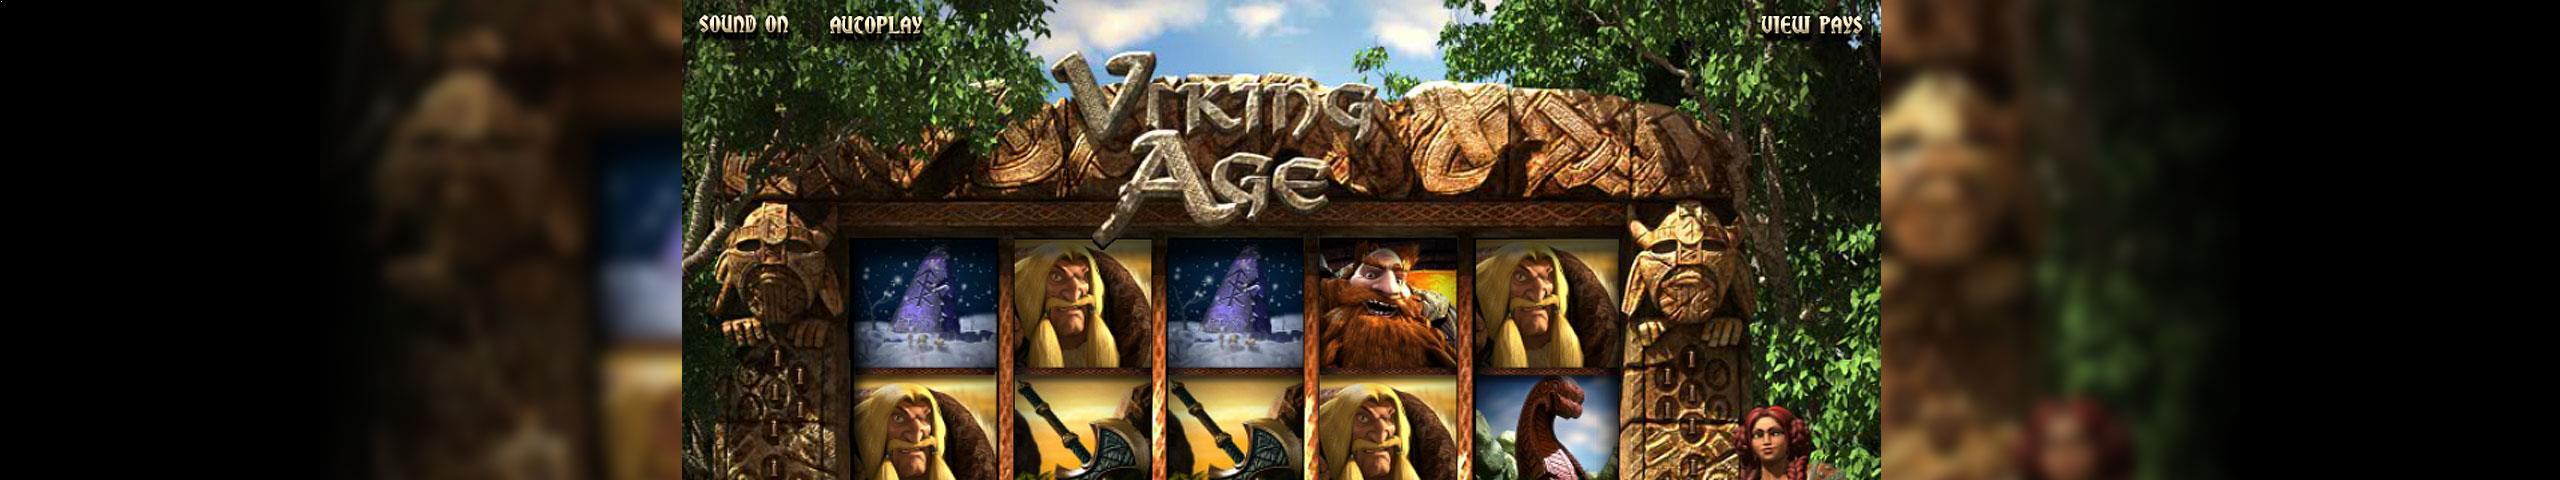 Viking Age Betsoft jocuri slot slider